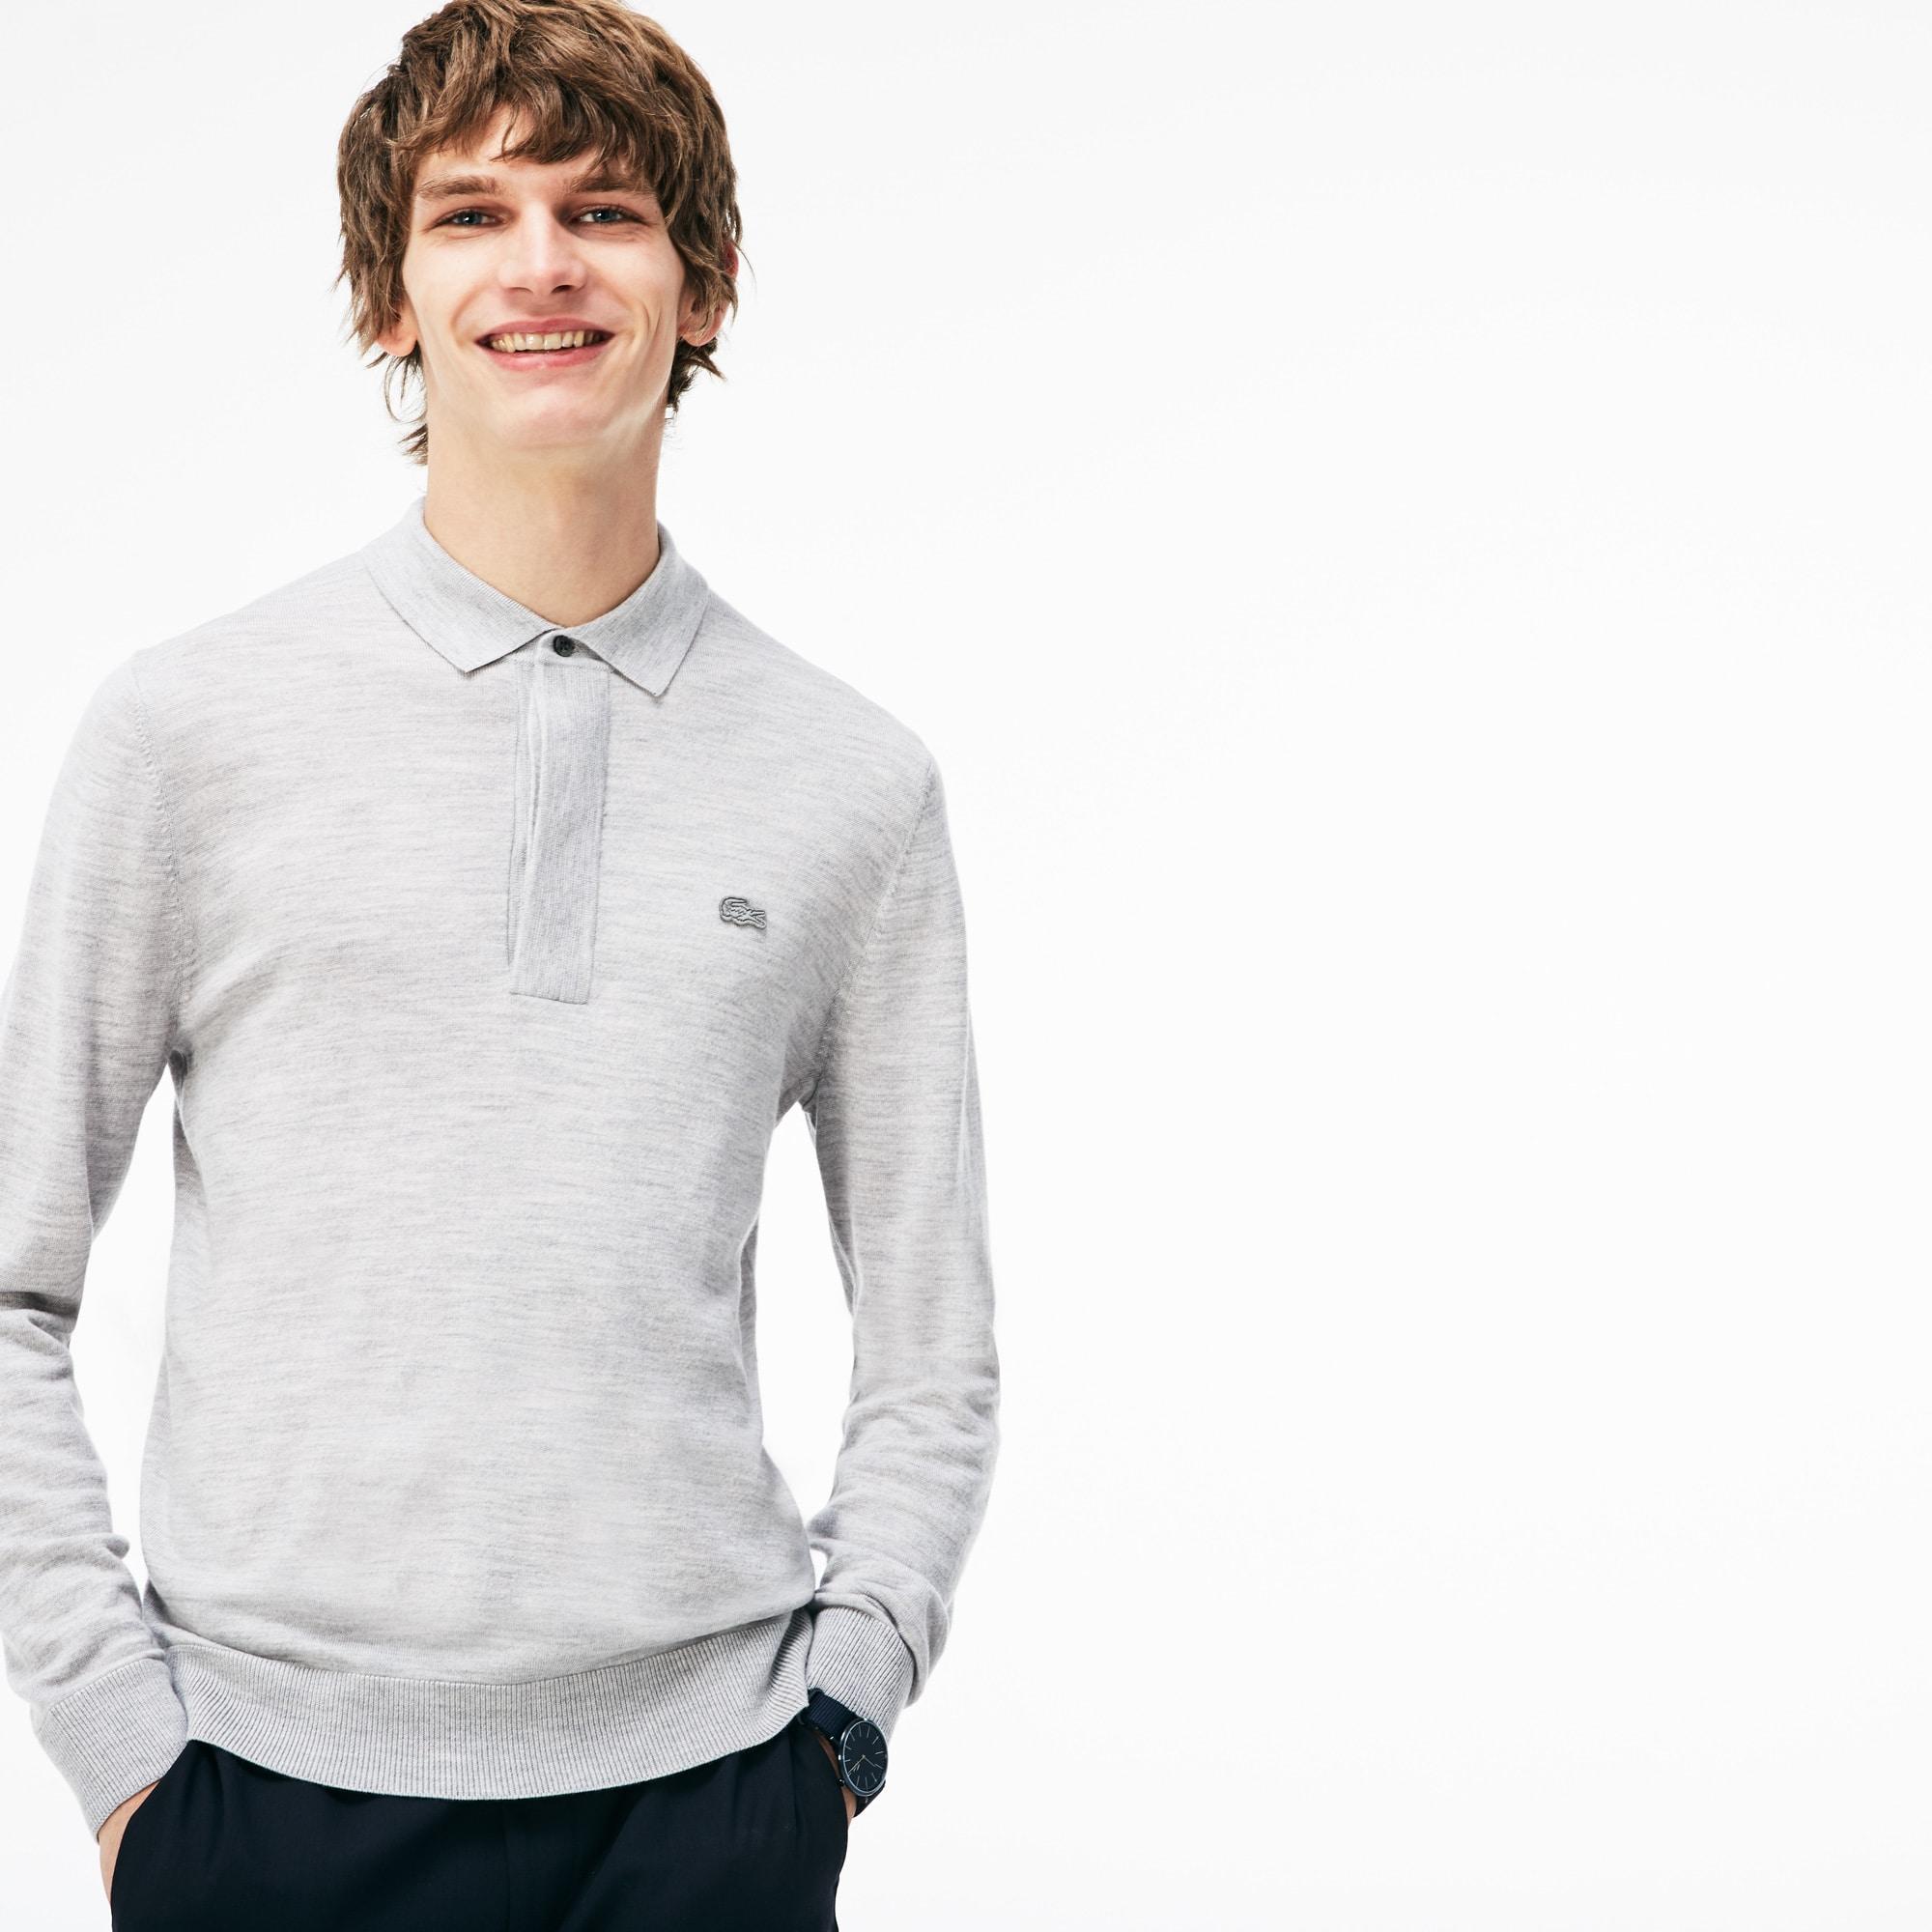 Lacoste Mens Wool Jersey Sweater